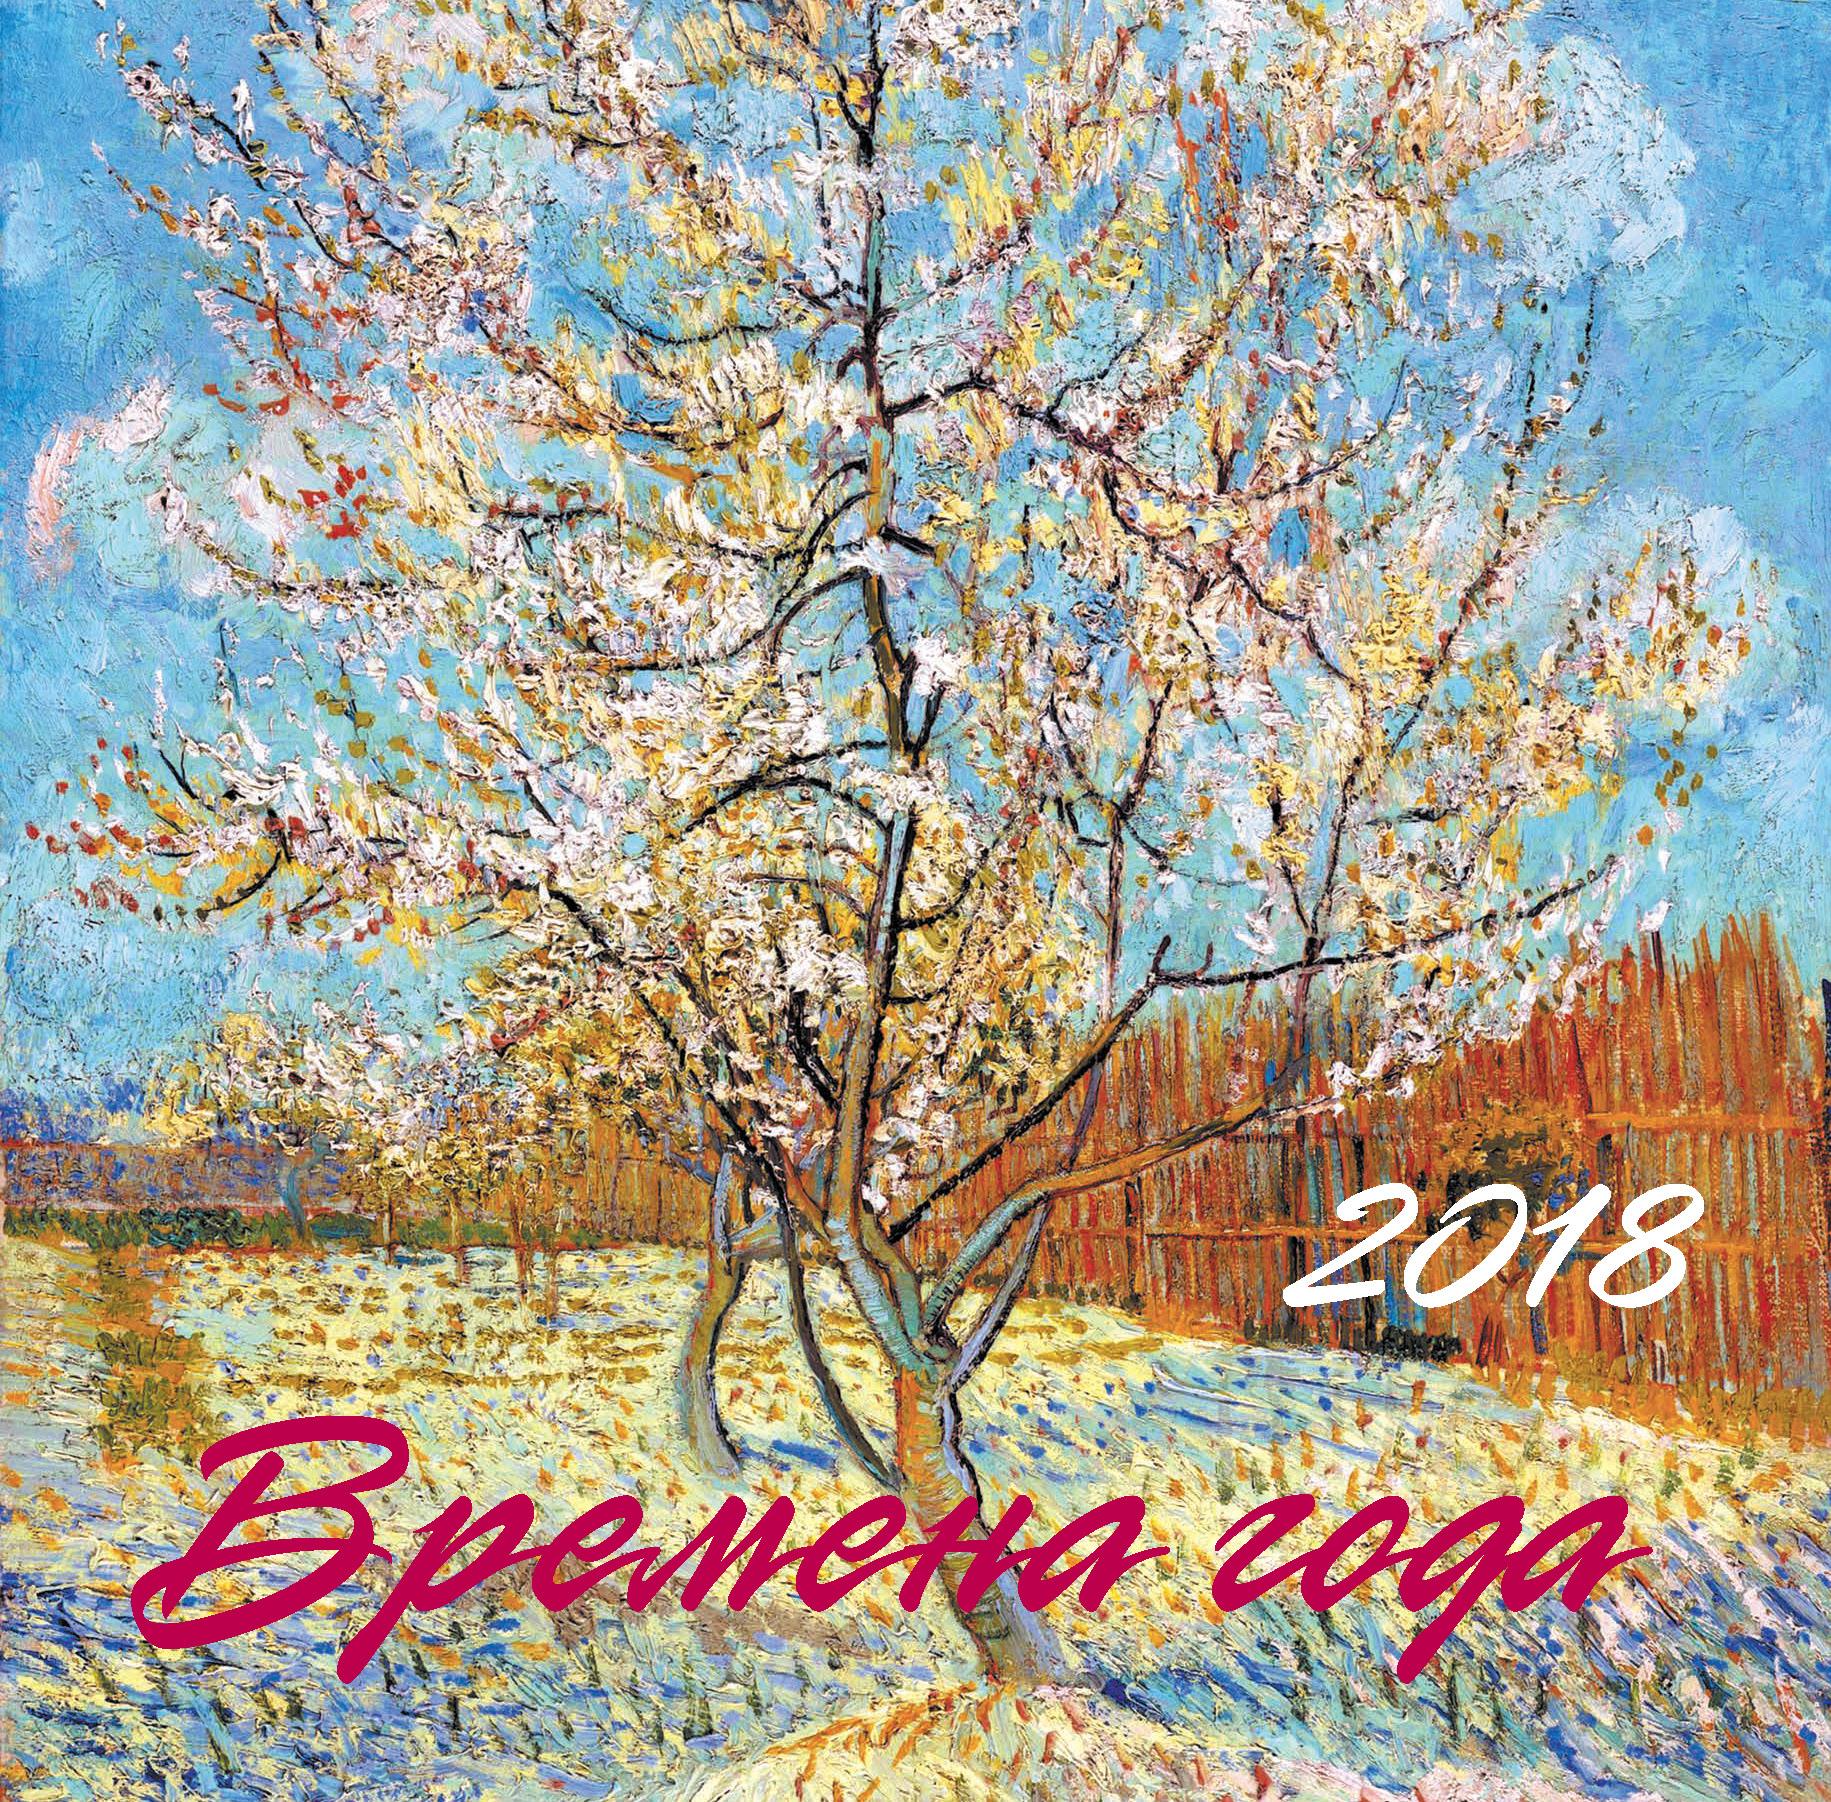 Времена года. Шедевры мировой живописи. Календарь настенный на 2018 год календарь времена и лета на 2018 год